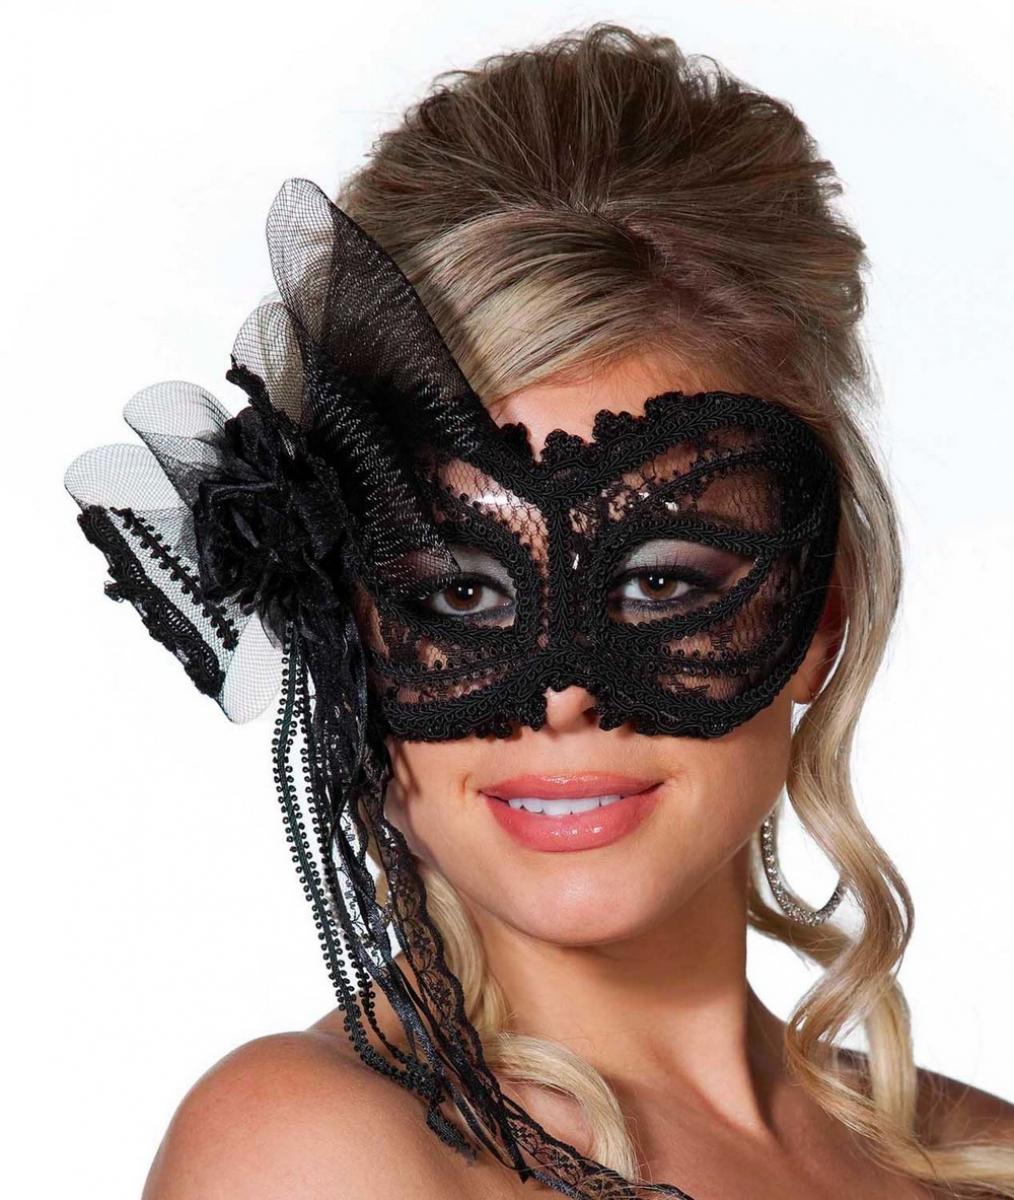 мял секси маски на новый год насколько понимаю, упирается